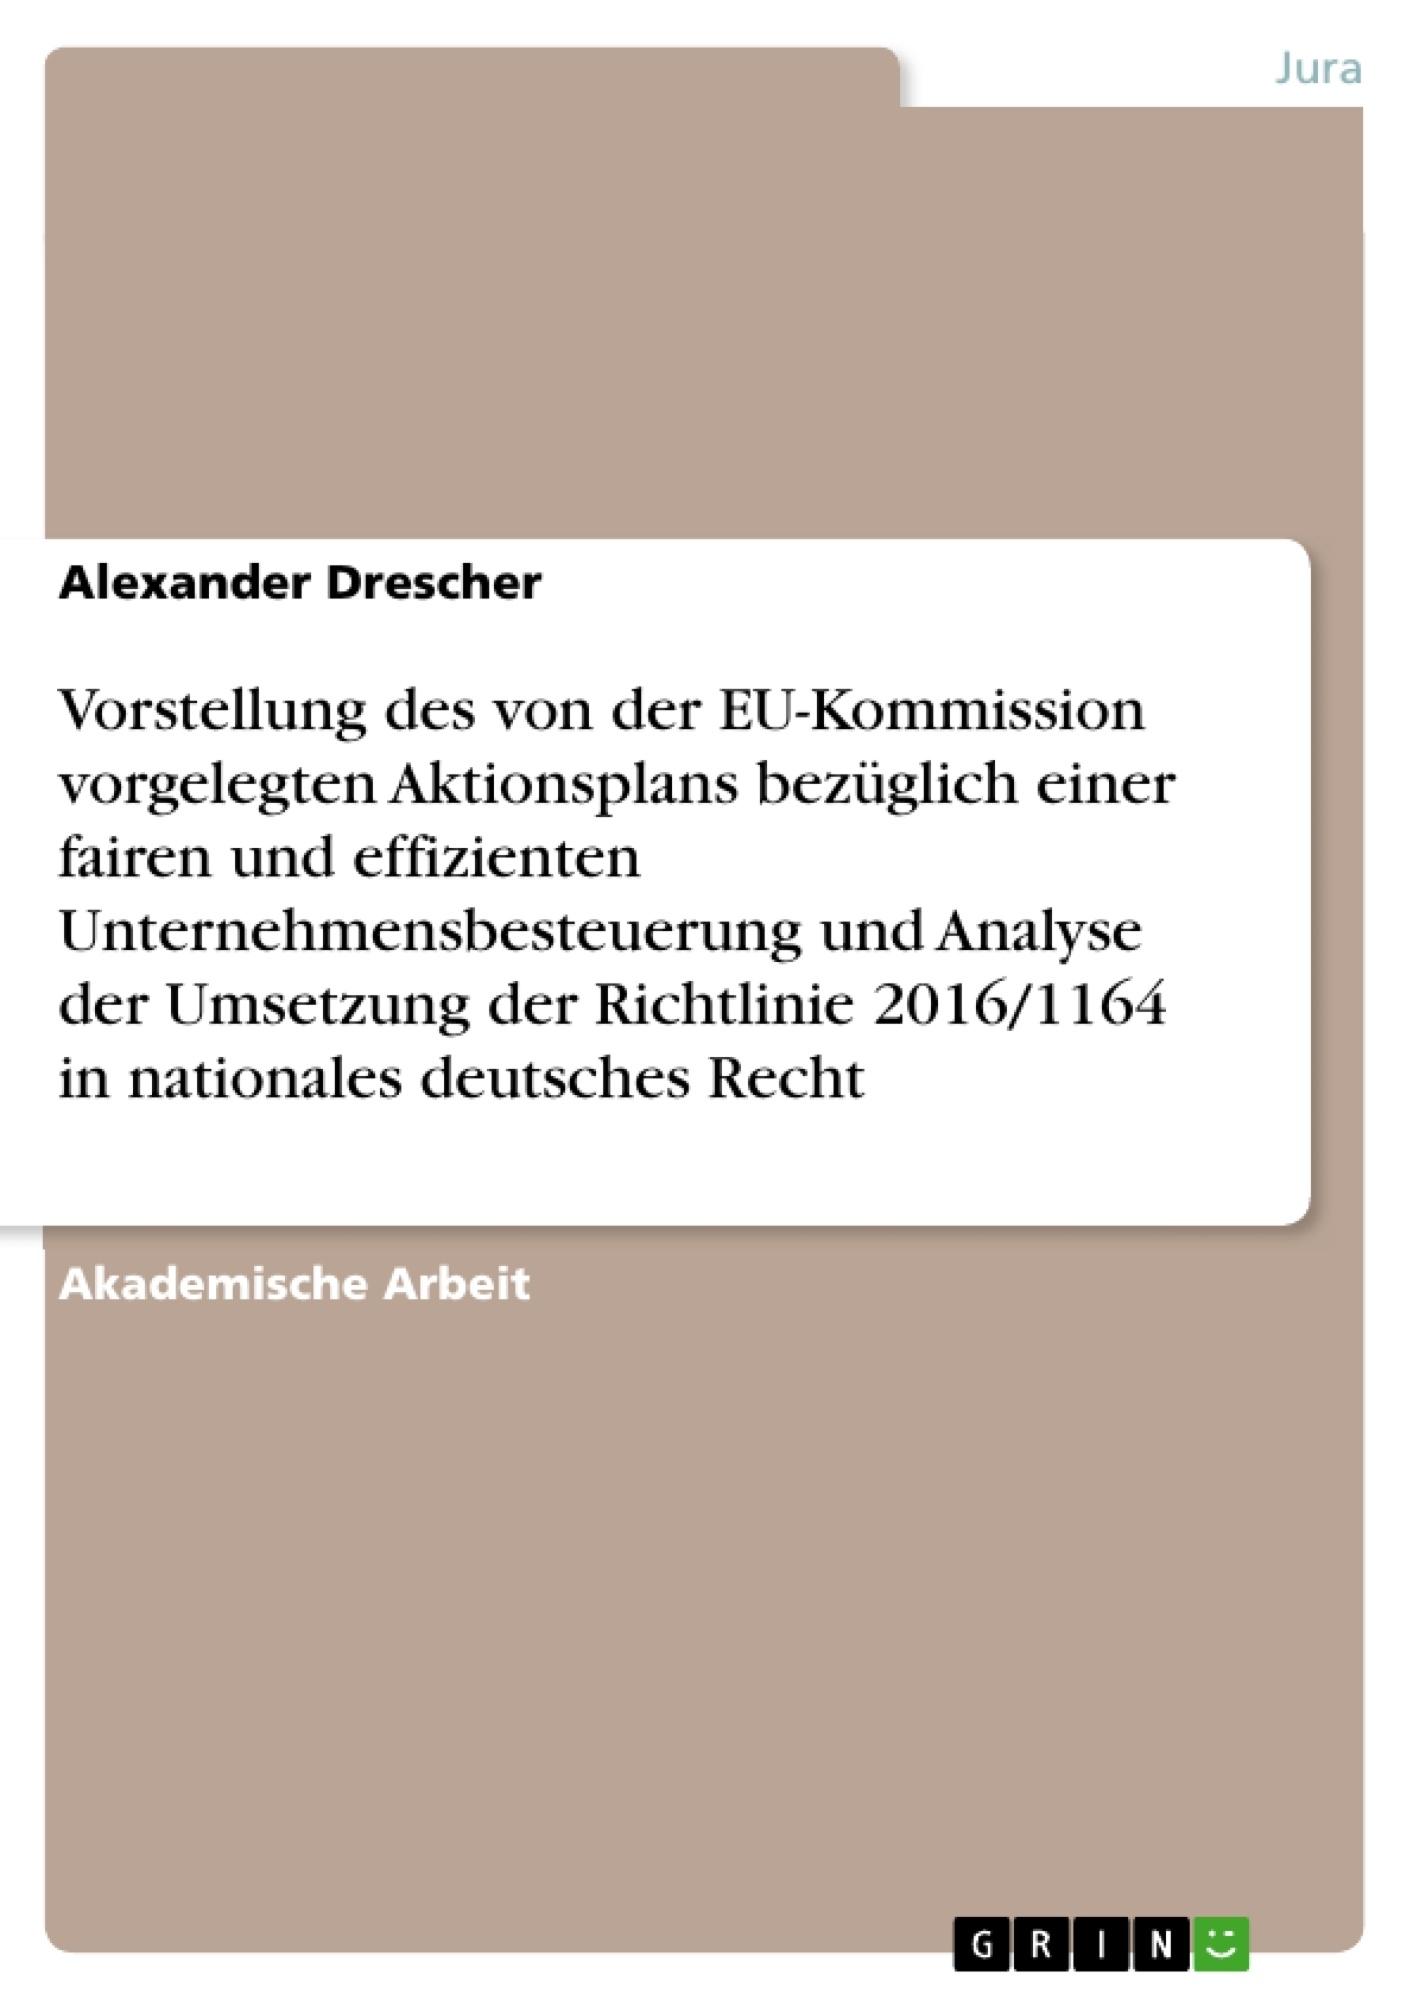 Titel: Vorstellung des von der EU-Kommission vorgelegten Aktionsplans bezüglich einer fairen und effizienten Unternehmensbesteuerung und Analyse der Umsetzung der Richtlinie 2016/1164 in nationales deutsches Recht